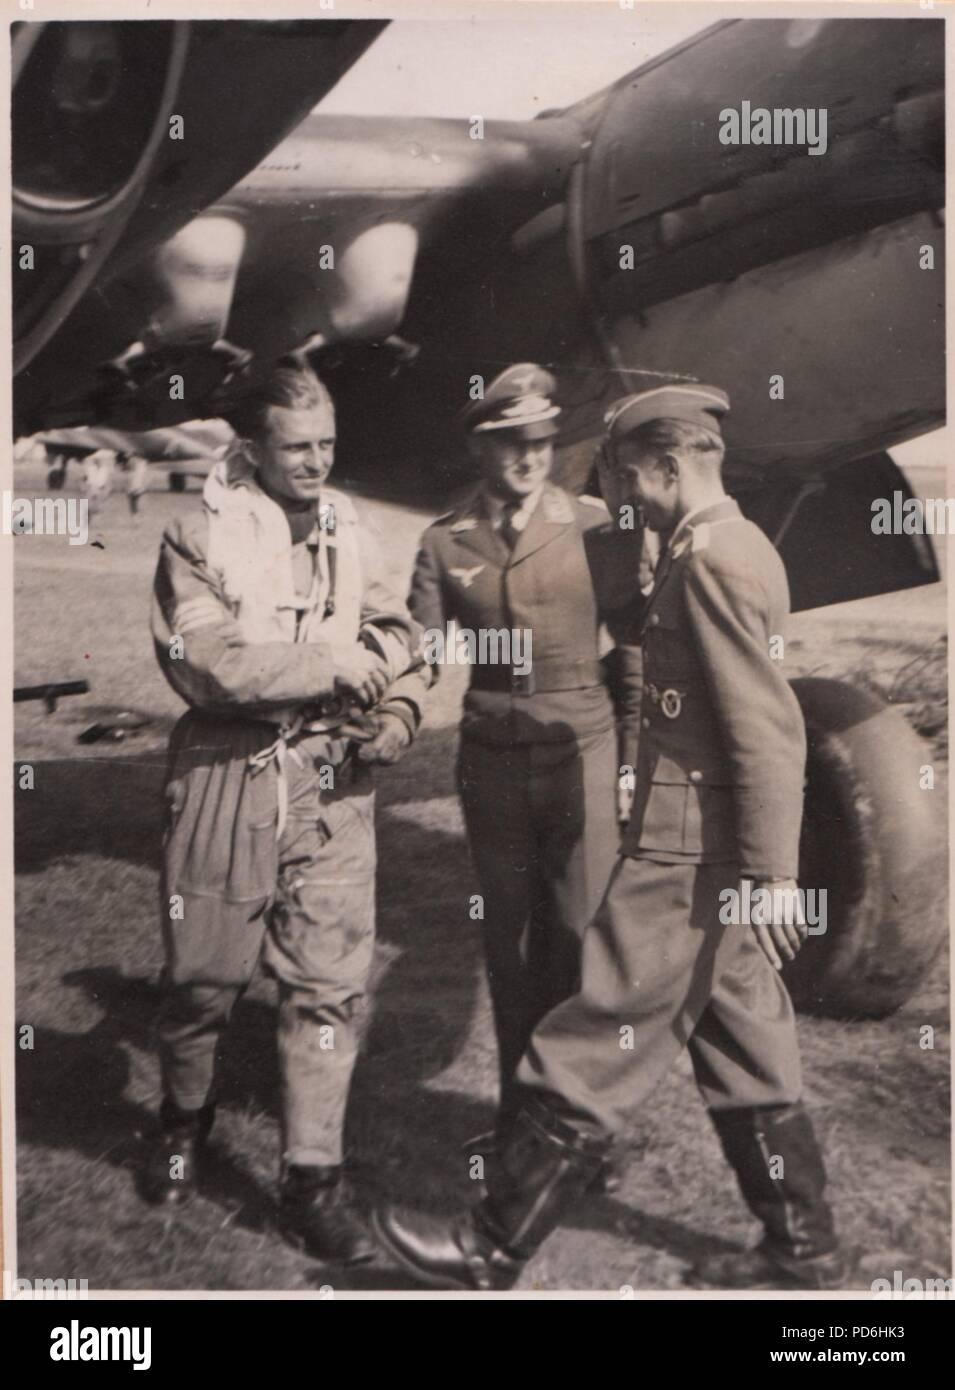 Droit de l'album photo de l'Oberleutnant Oscar Müller de la Kampfgeschwader 1: l'Oberleutnant Friedrich Clodius (à gauche) est accueilli par le lieutenant Oscar Müller à l'atterrissage. Clodius est le Staffelkapitän du 5./KG 1 durant l'été 1941 et jusqu'à ce qu'il a été affiché le 8 novembre 1941 manquant. Banque D'Images